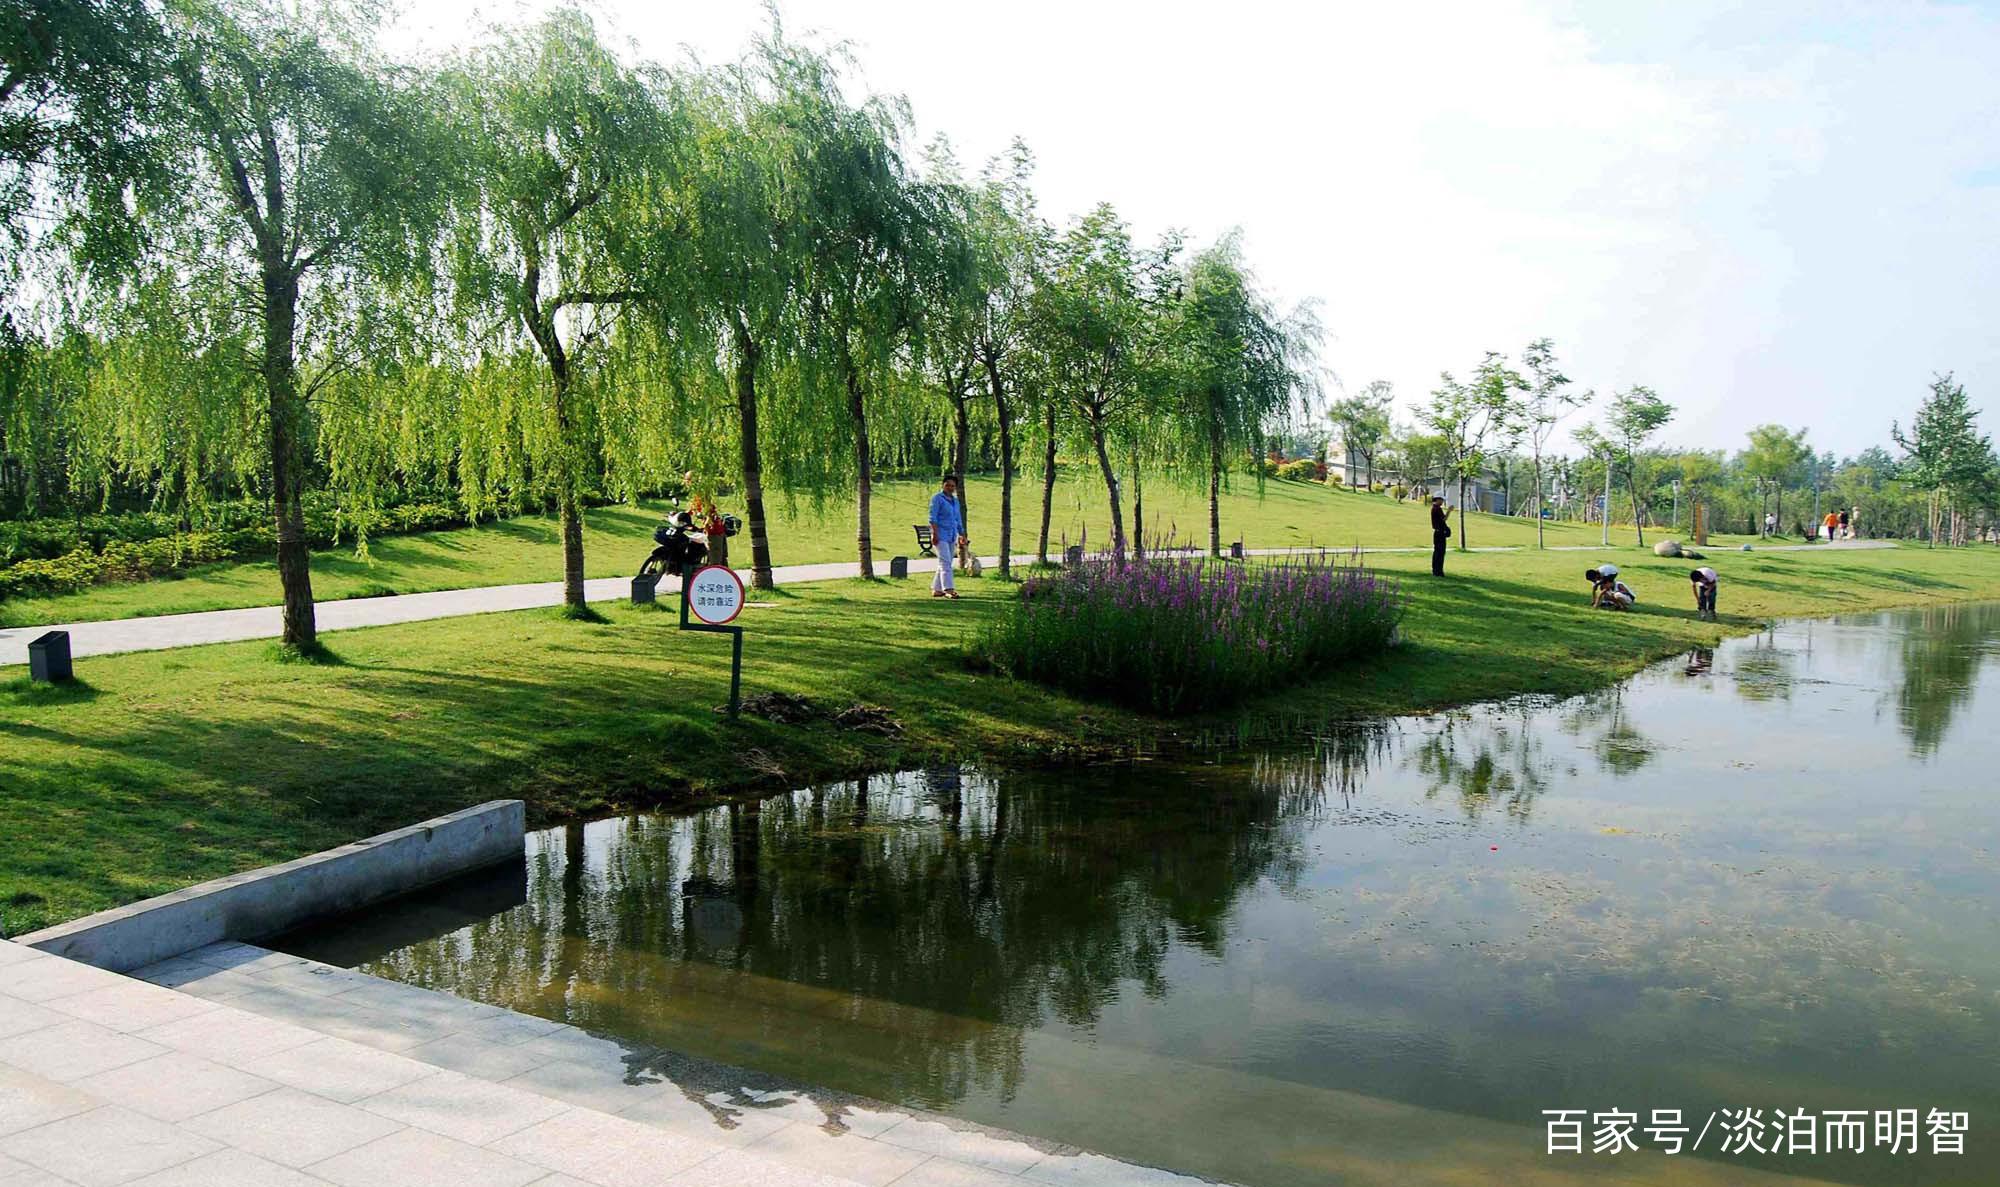 雪枫公园是为纪念以彭雪枫将军为主的老一辈革命家而建设的一座集纪念瞻仰、爱国主义教育、国防教育及市民休闲等多种功能于一体的大型城市公园。  雪枫公园是宿迁市规模最大的爱国主义教育基地。  雪枫公园建成于2007年9月,占地320亩,分为纪念瞻仰、水景游览、励志教育和配套服务等四大功能区。